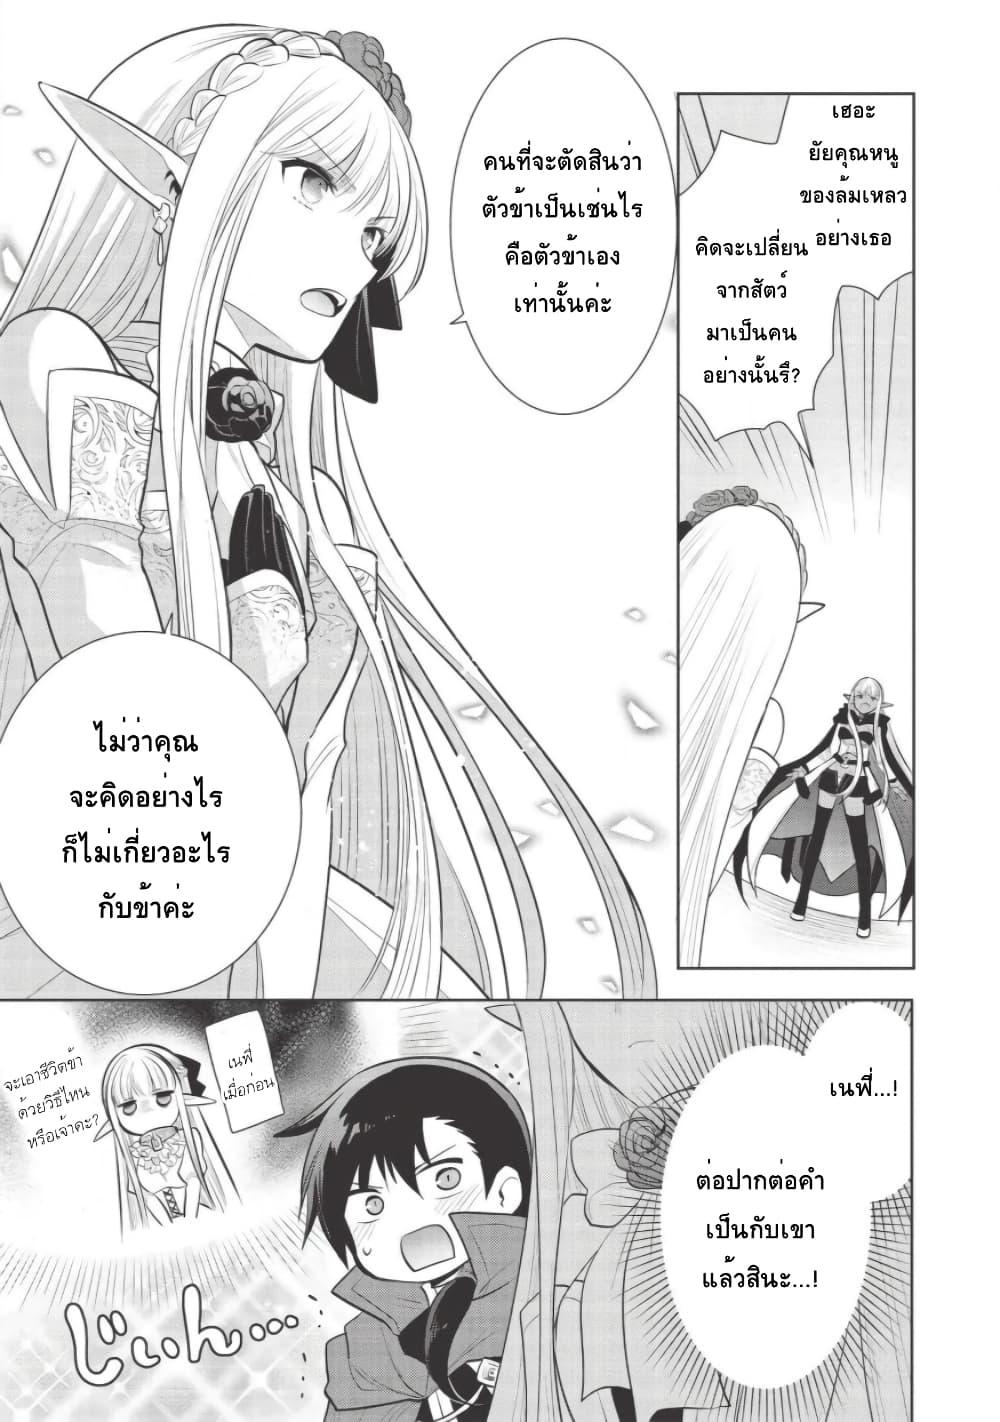 อ่านการ์ตูน Maou no Ore ga Dorei Elf wo Yome ni Shitanda ga Dou Medereba Ii ตอนที่ 30 หน้าที่ 5